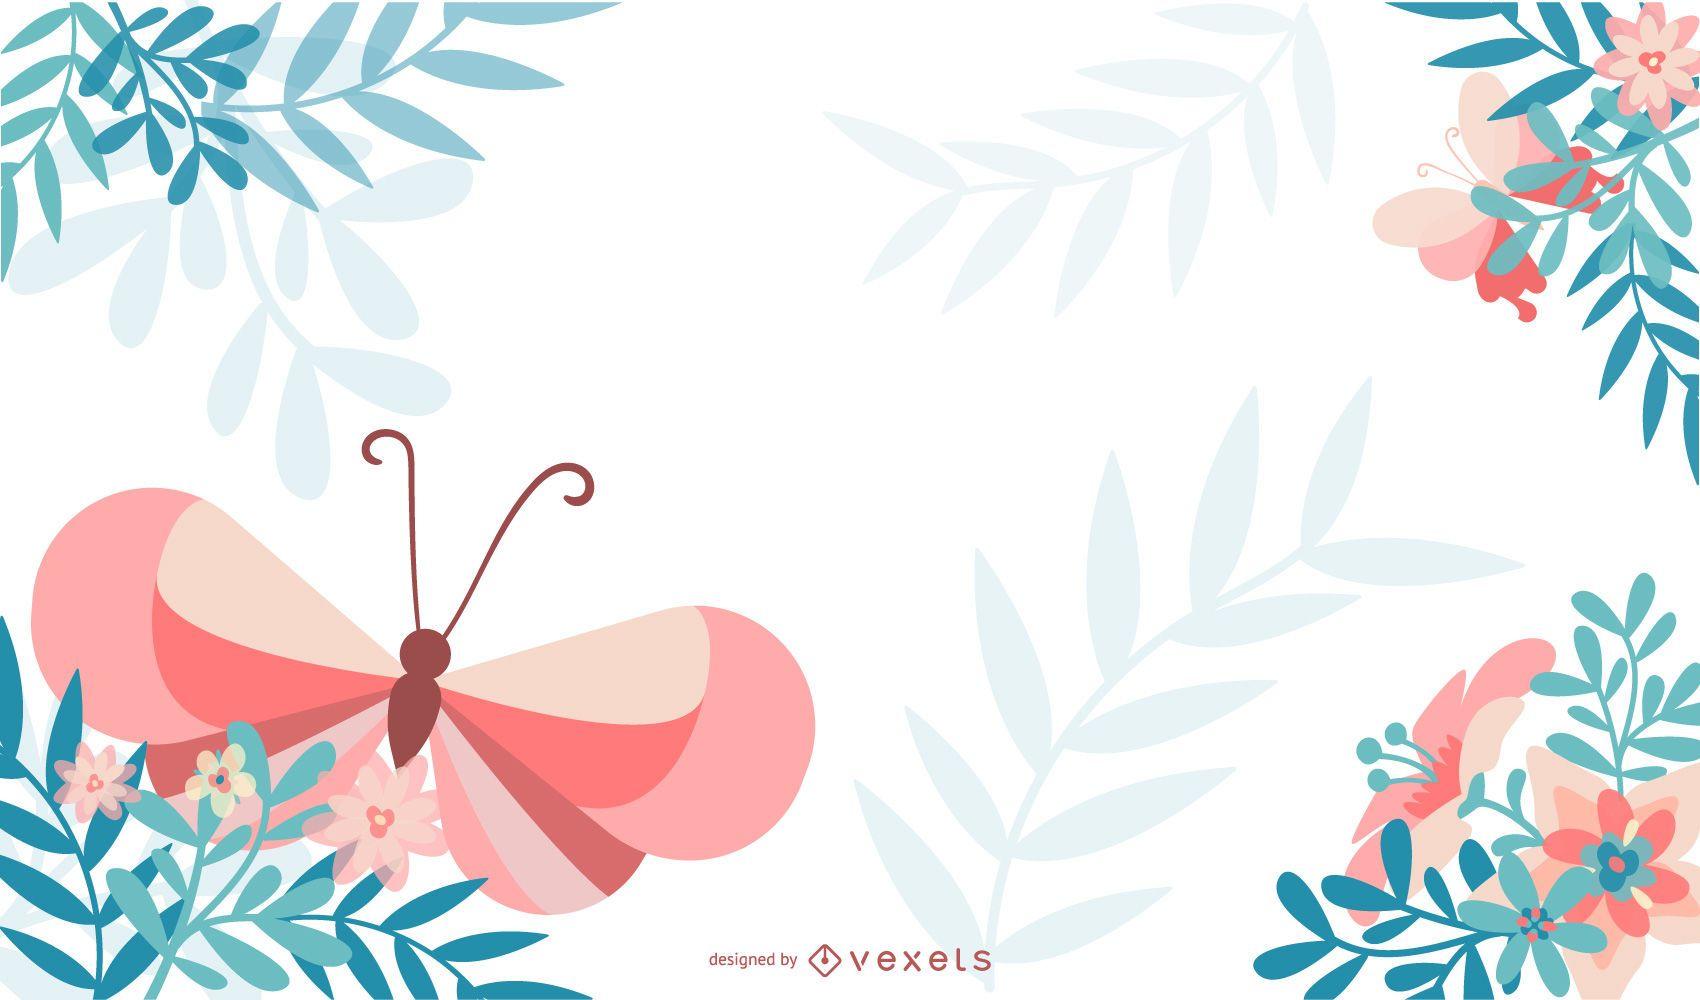 Butterflies Designs in Vector Form